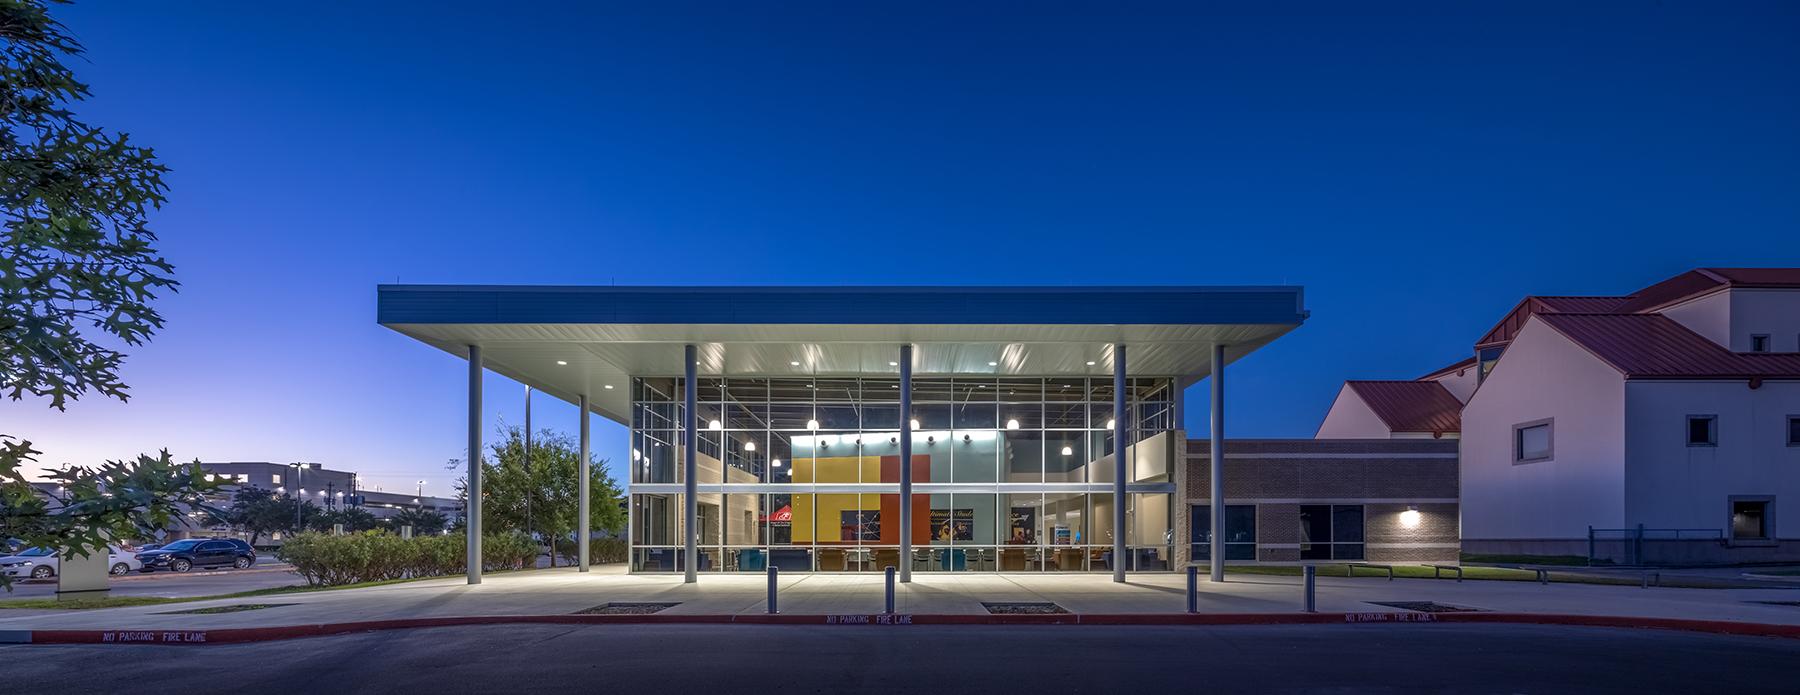 HCC Eastside Campus